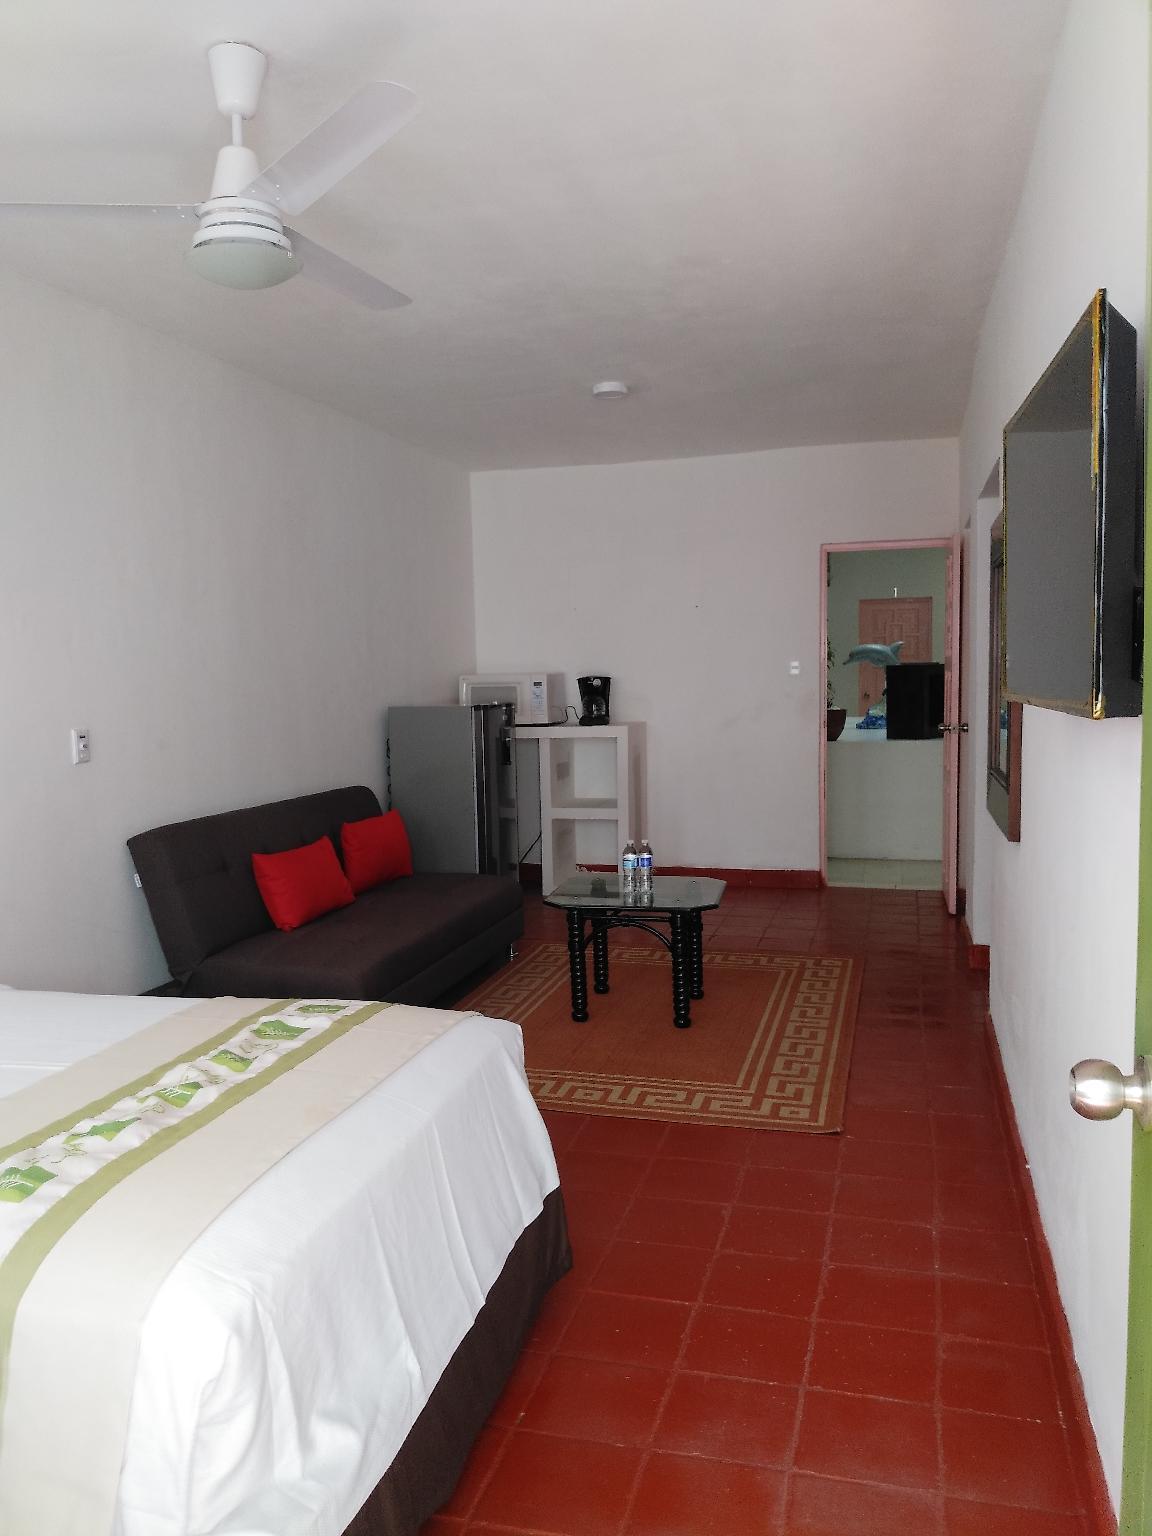 Tropicus 8 Romantic Zone Estudio Room with Terrace